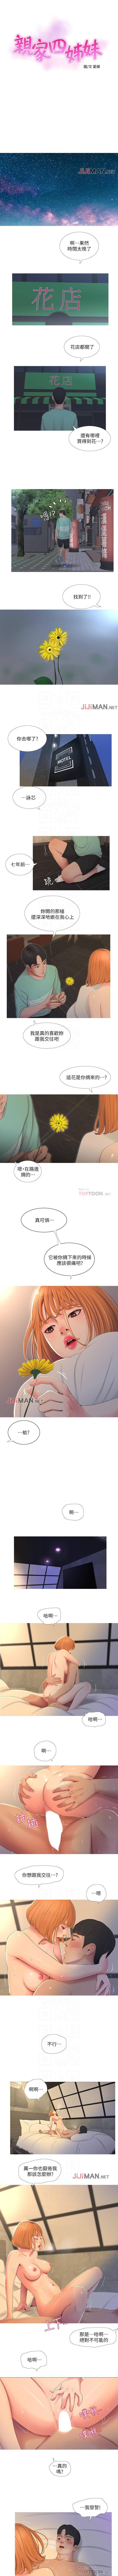 【周四连载】亲家四姐妹(作者:愛摸) 第1~31话 14